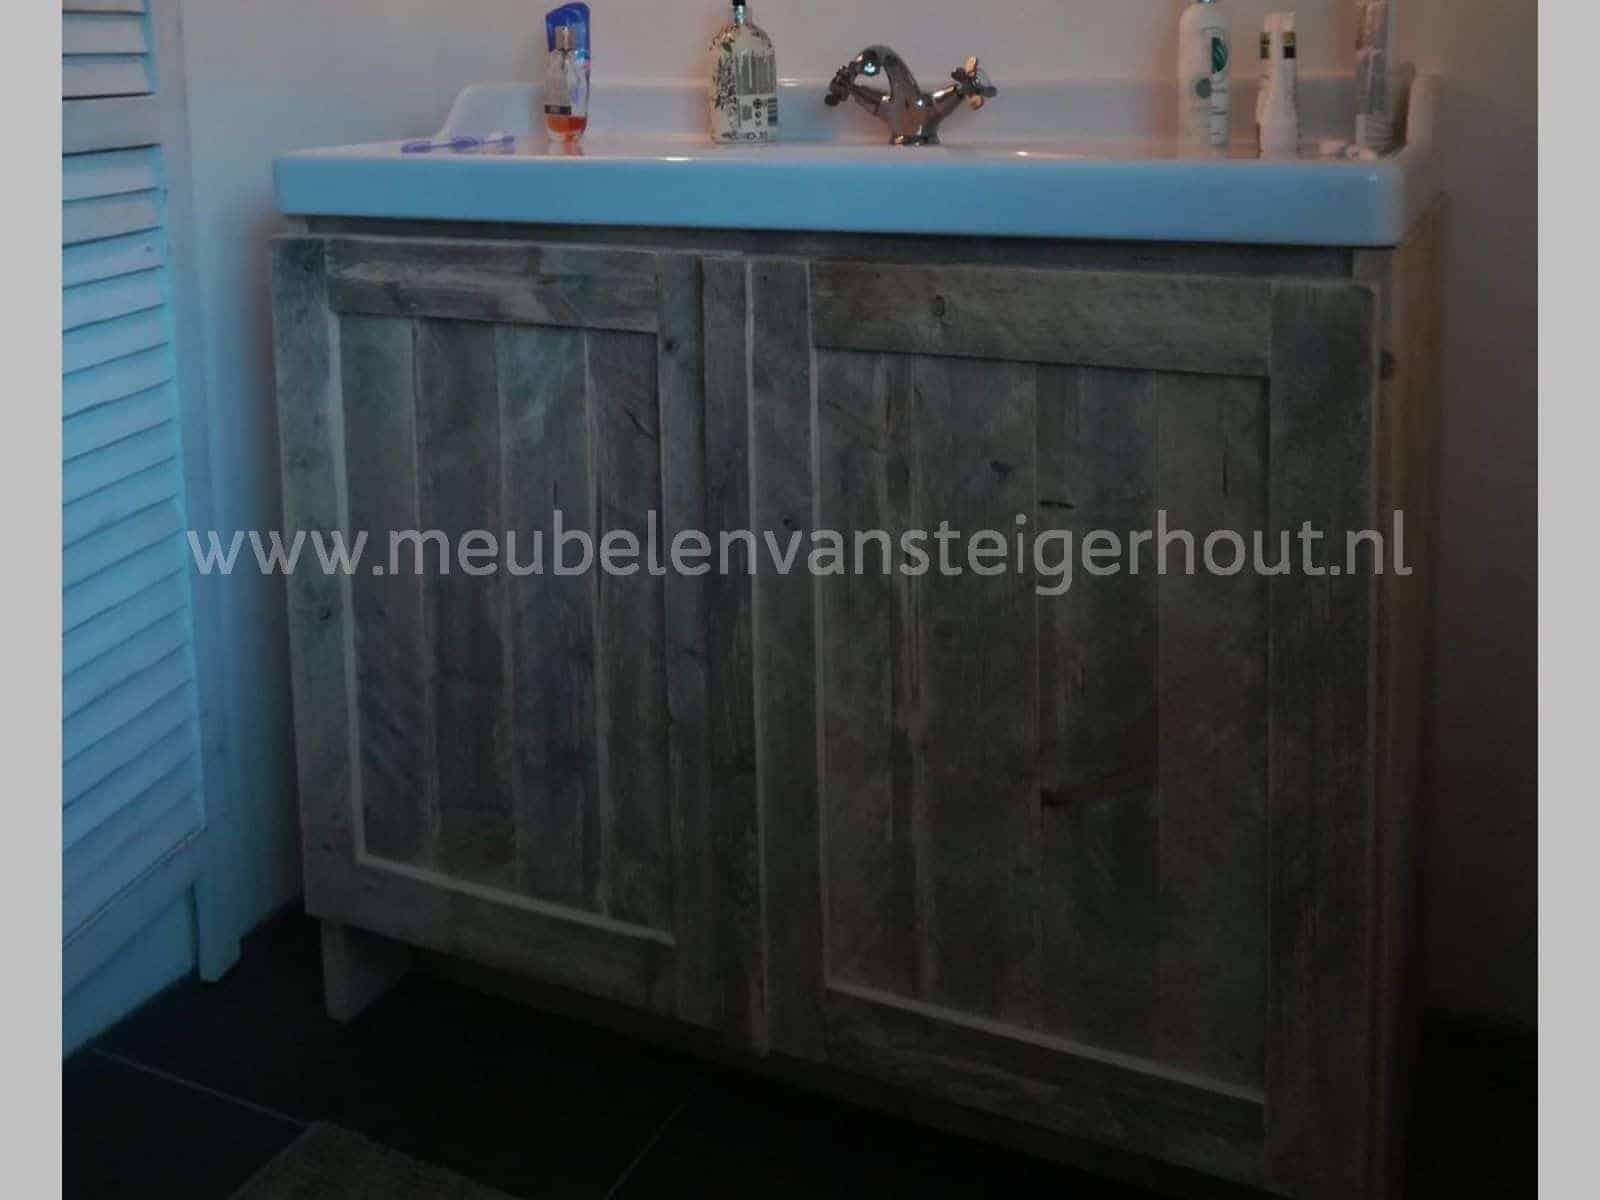 Ikea Badkamer Meubel : Badmeubel steigerhout meubelen van steigerhout